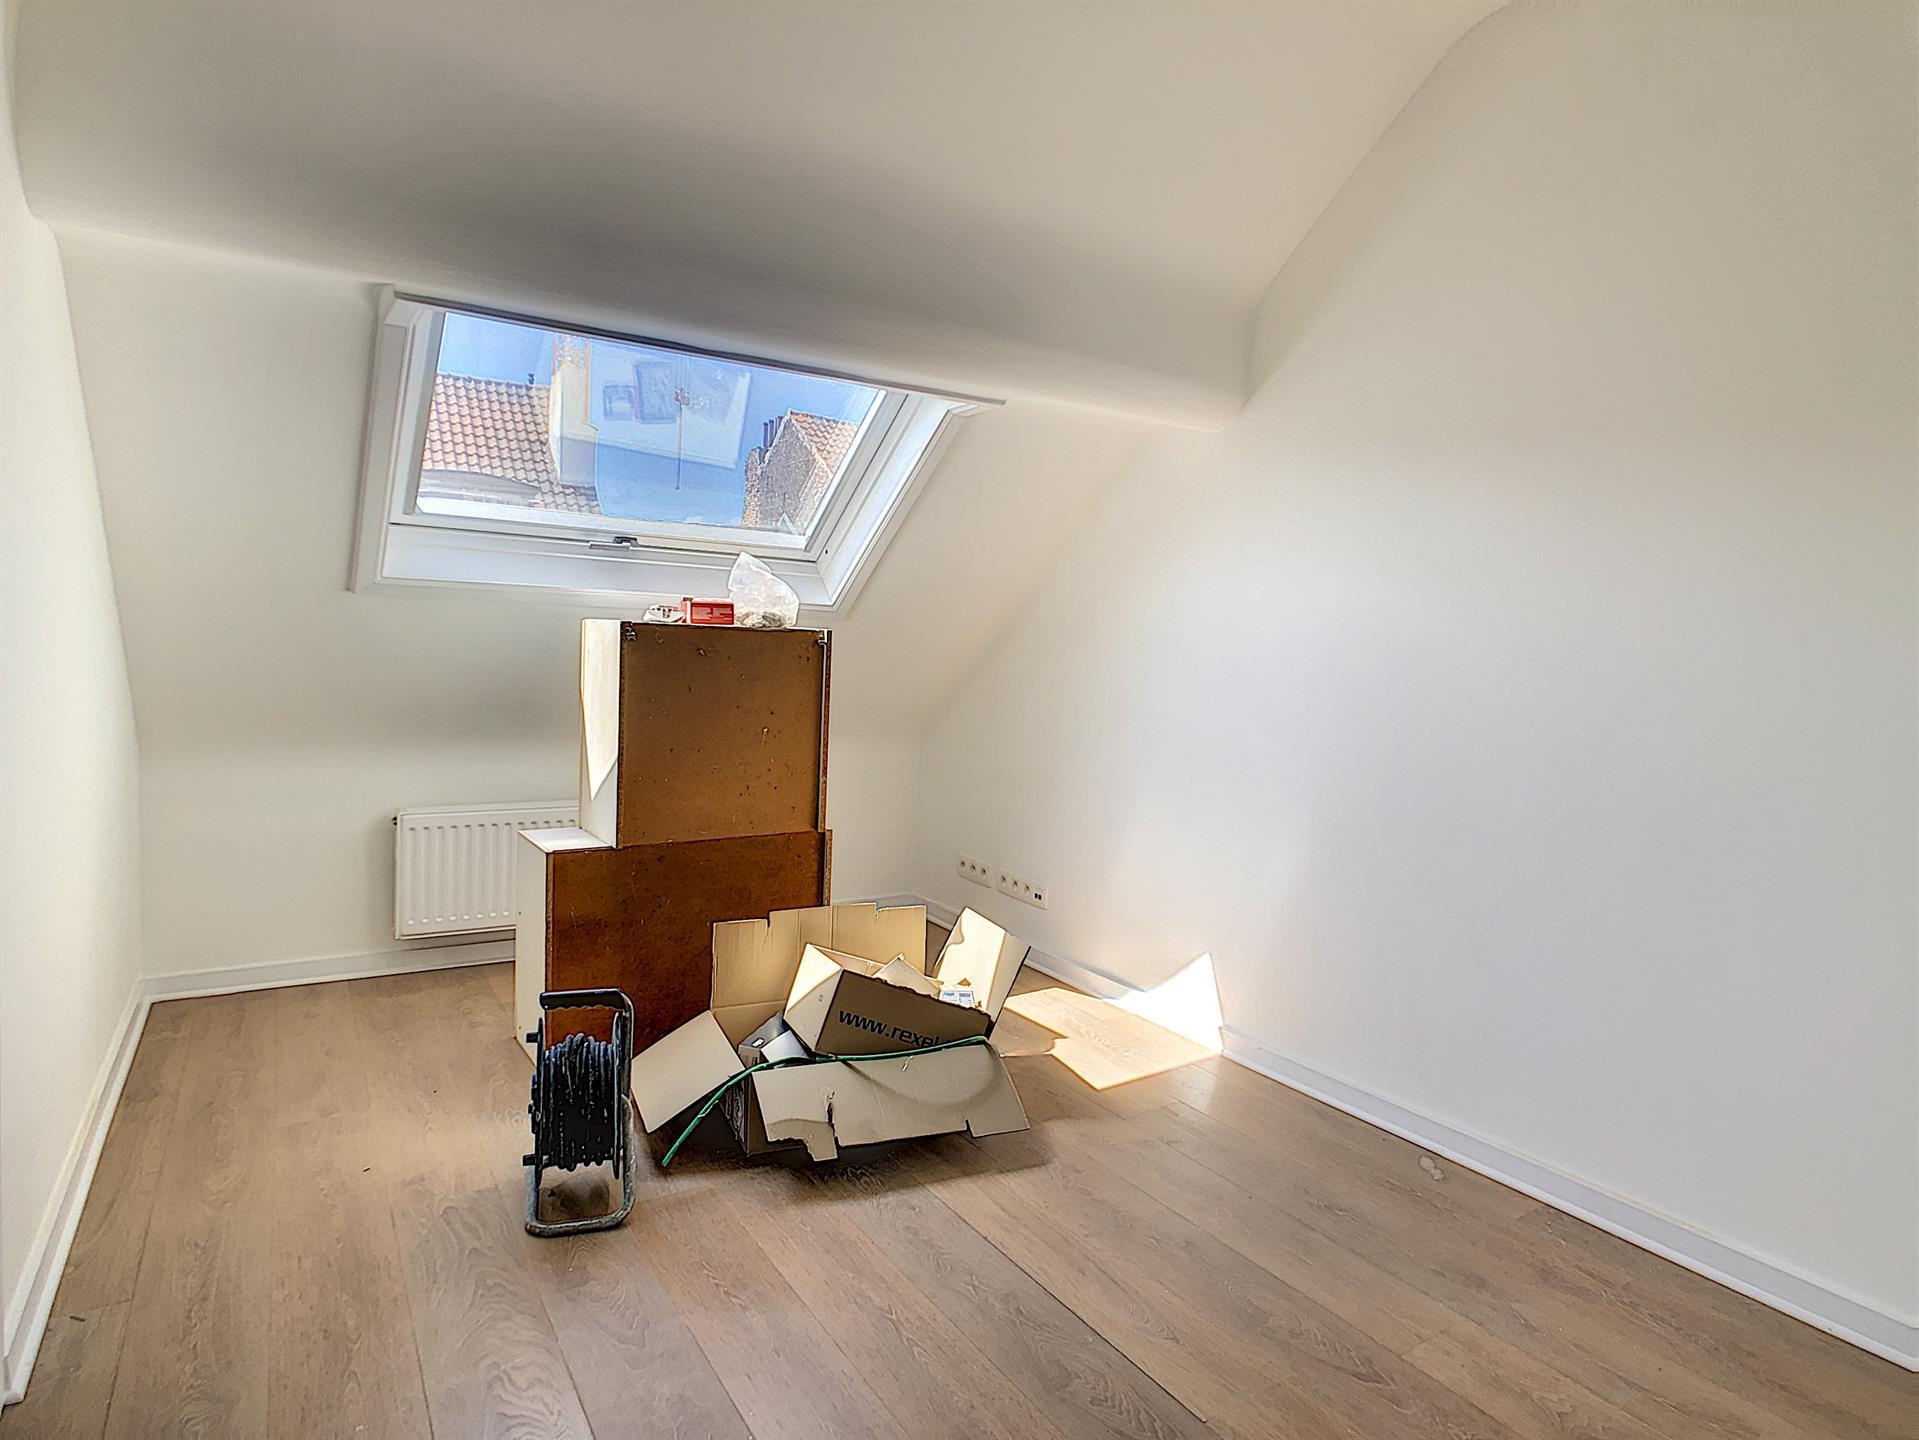 Appartement - Bruxelles - #4499215-11